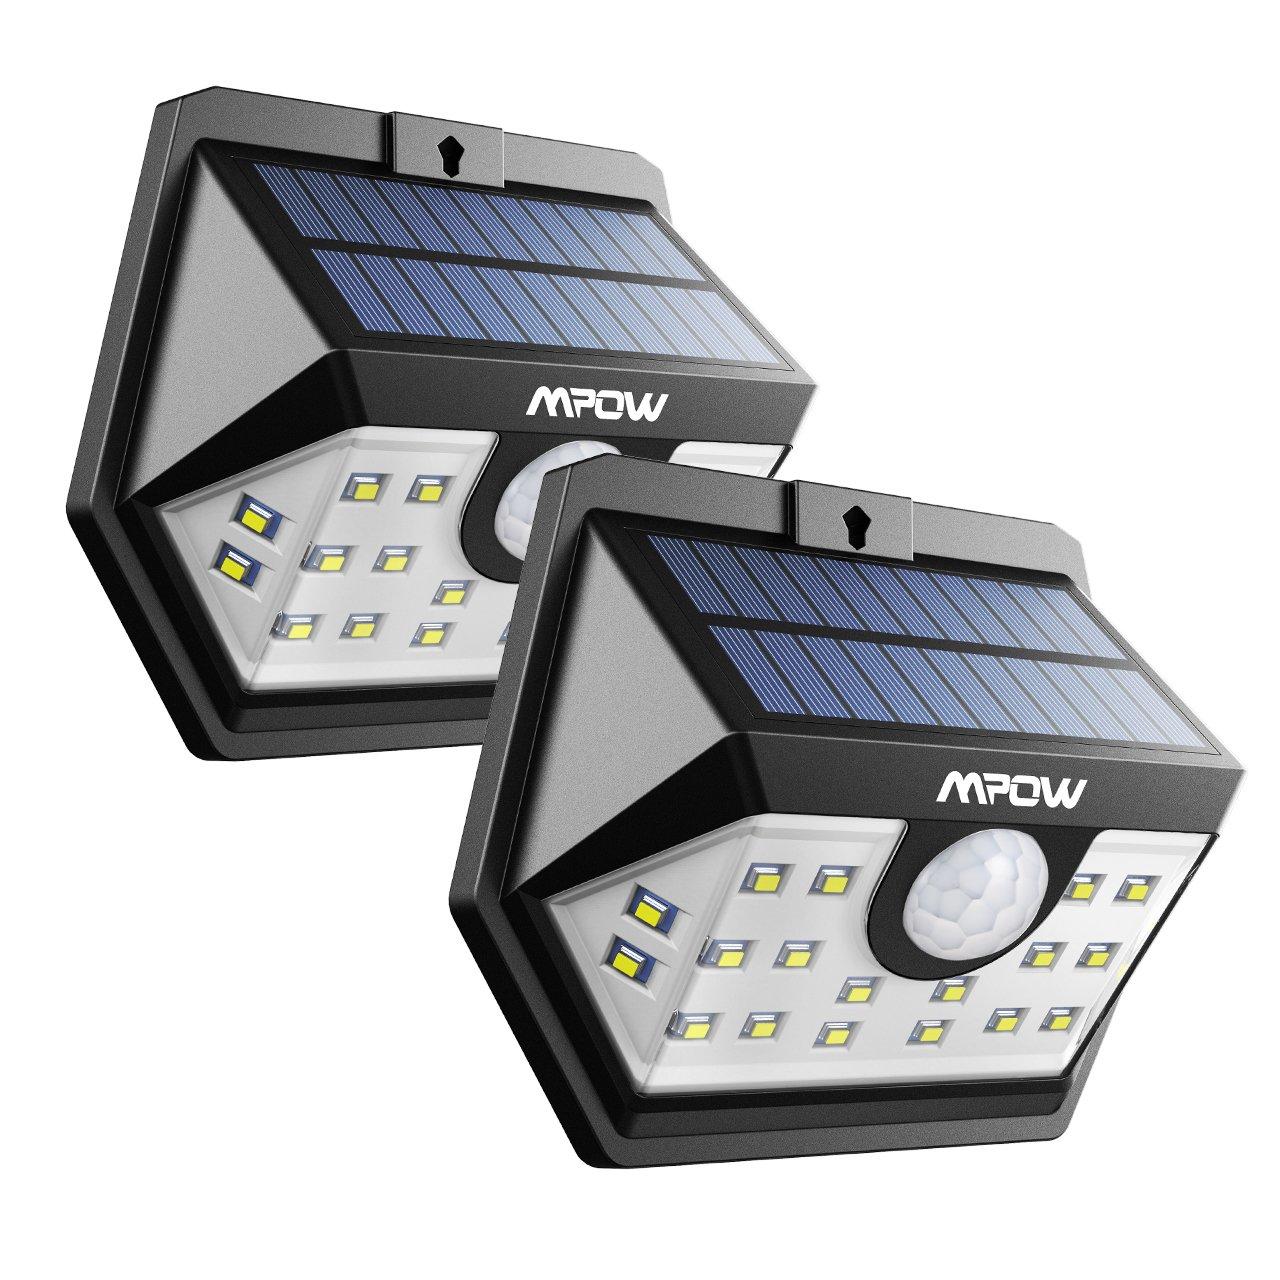 Mpow Weitwinkel Solarleuchte, 20 LED Superhelles Bewegung Solarlicht, Solarbetriebene Sicherheitswandleuchte, Verbesserte 120 ° Weitwinkel Sensorkopf (2, 20 LED)